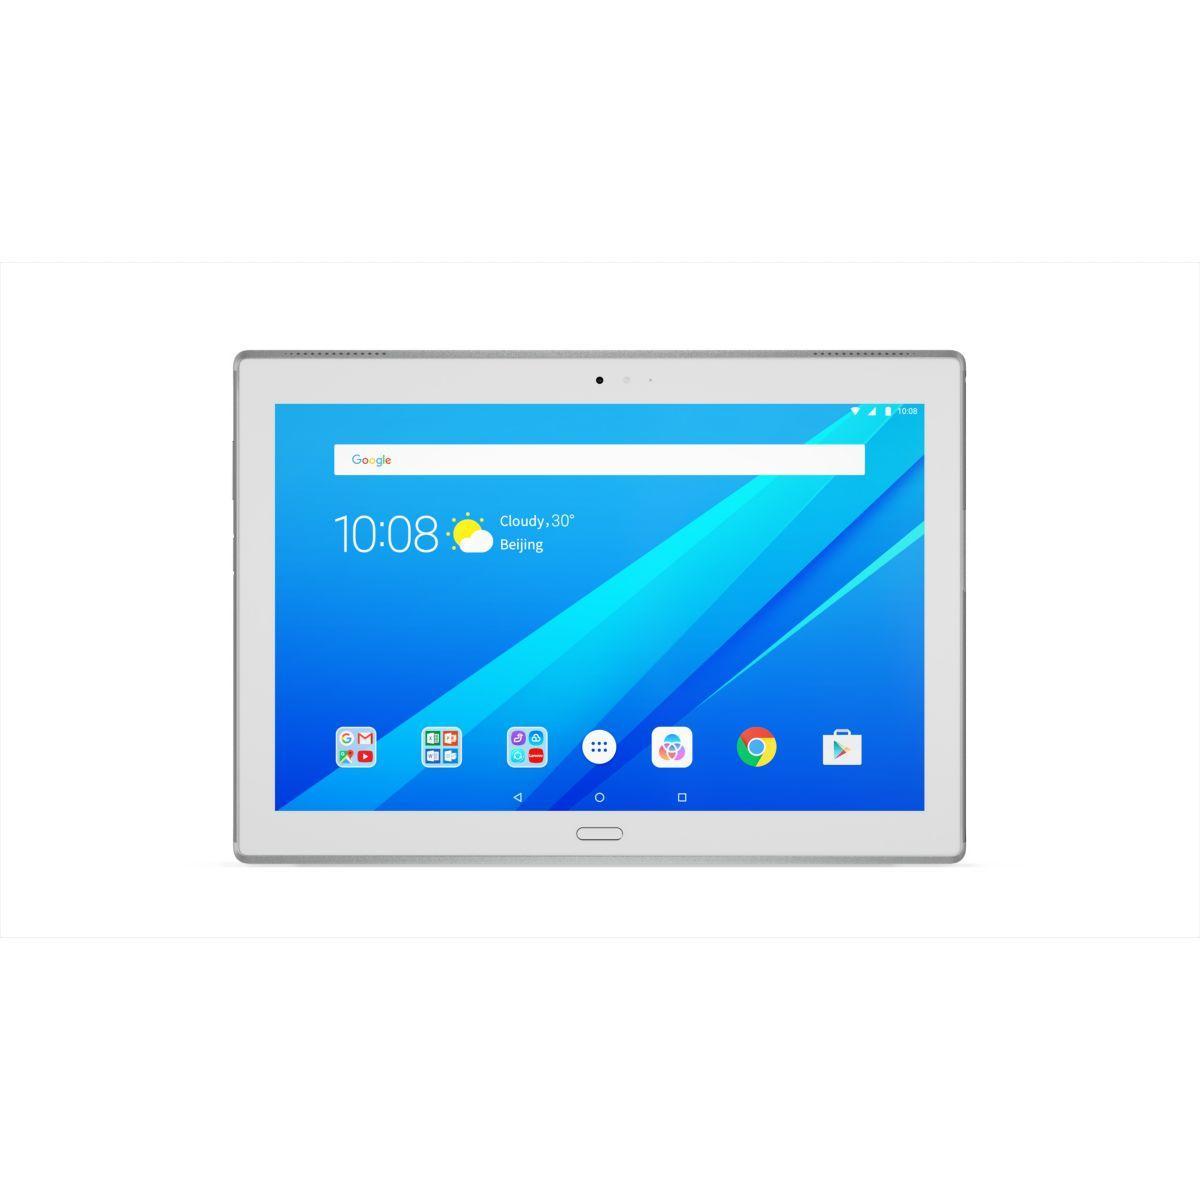 Tablette lenovo tab4+ 10 - livraison offerte avec le code nouveaute (photo)